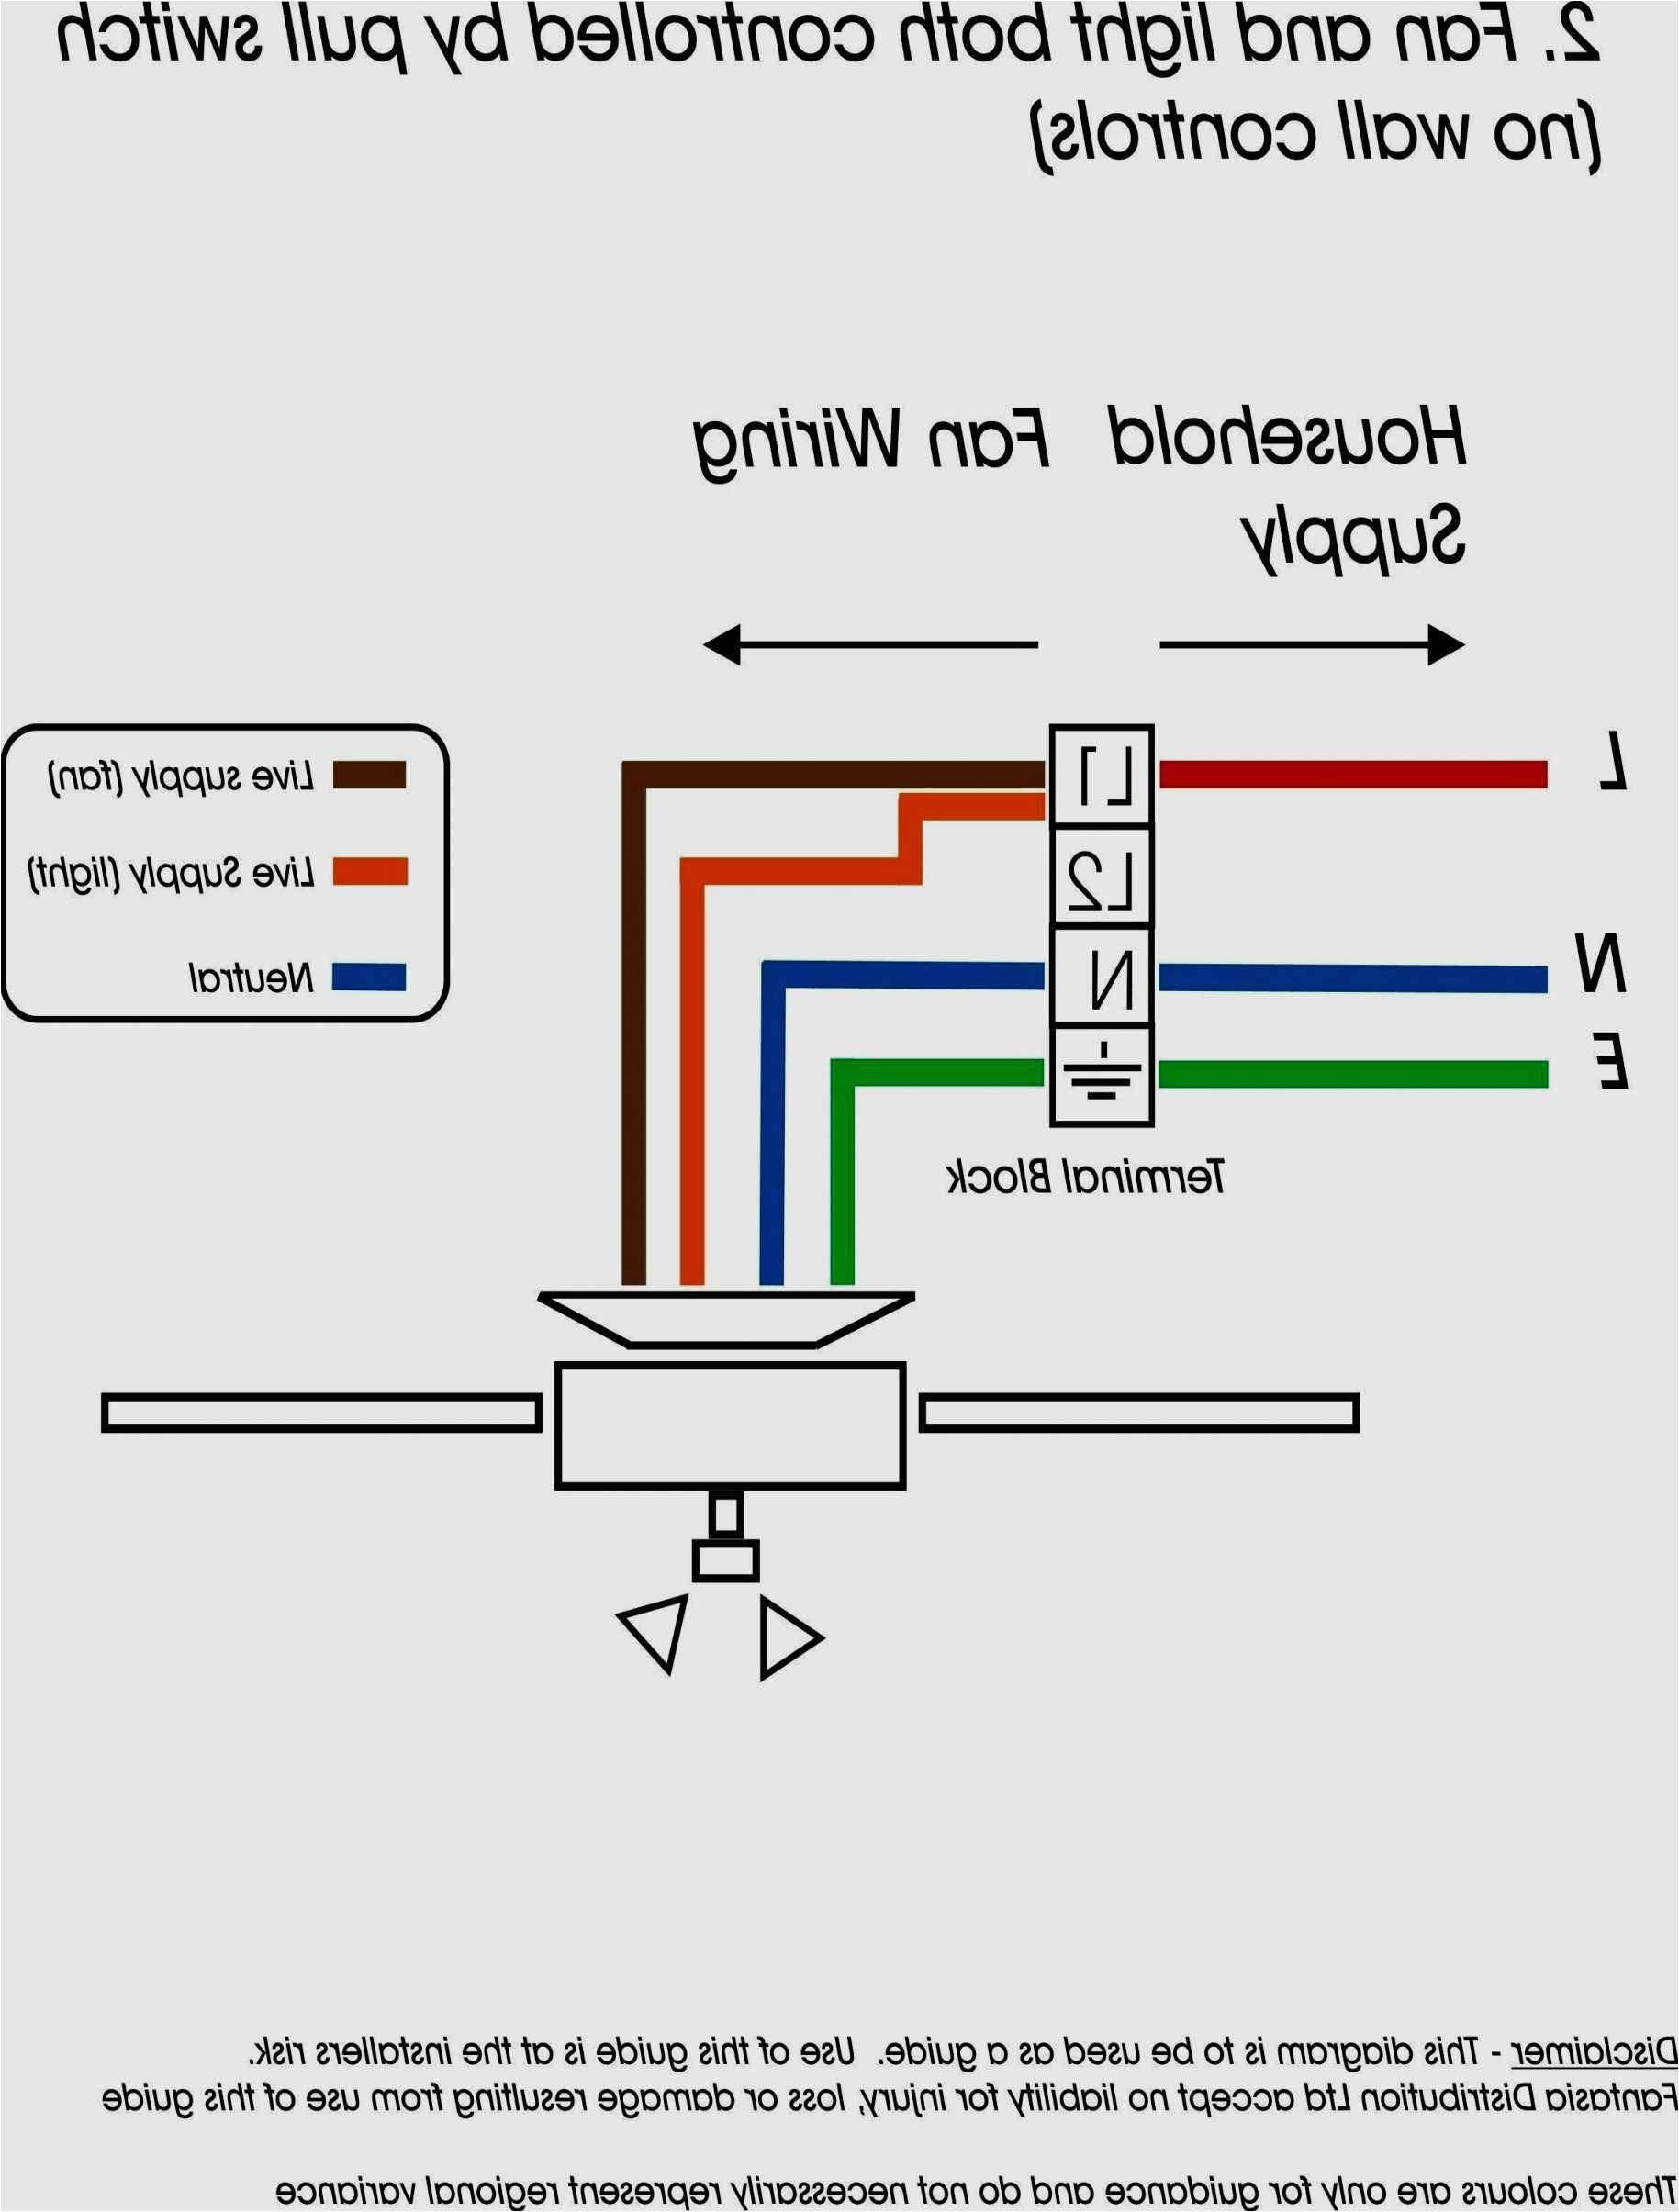 mitsubishi alternator wiring diagram wiring diagrams mitsubishi l200 alternator belt diagram mitsubishi alternator diagram